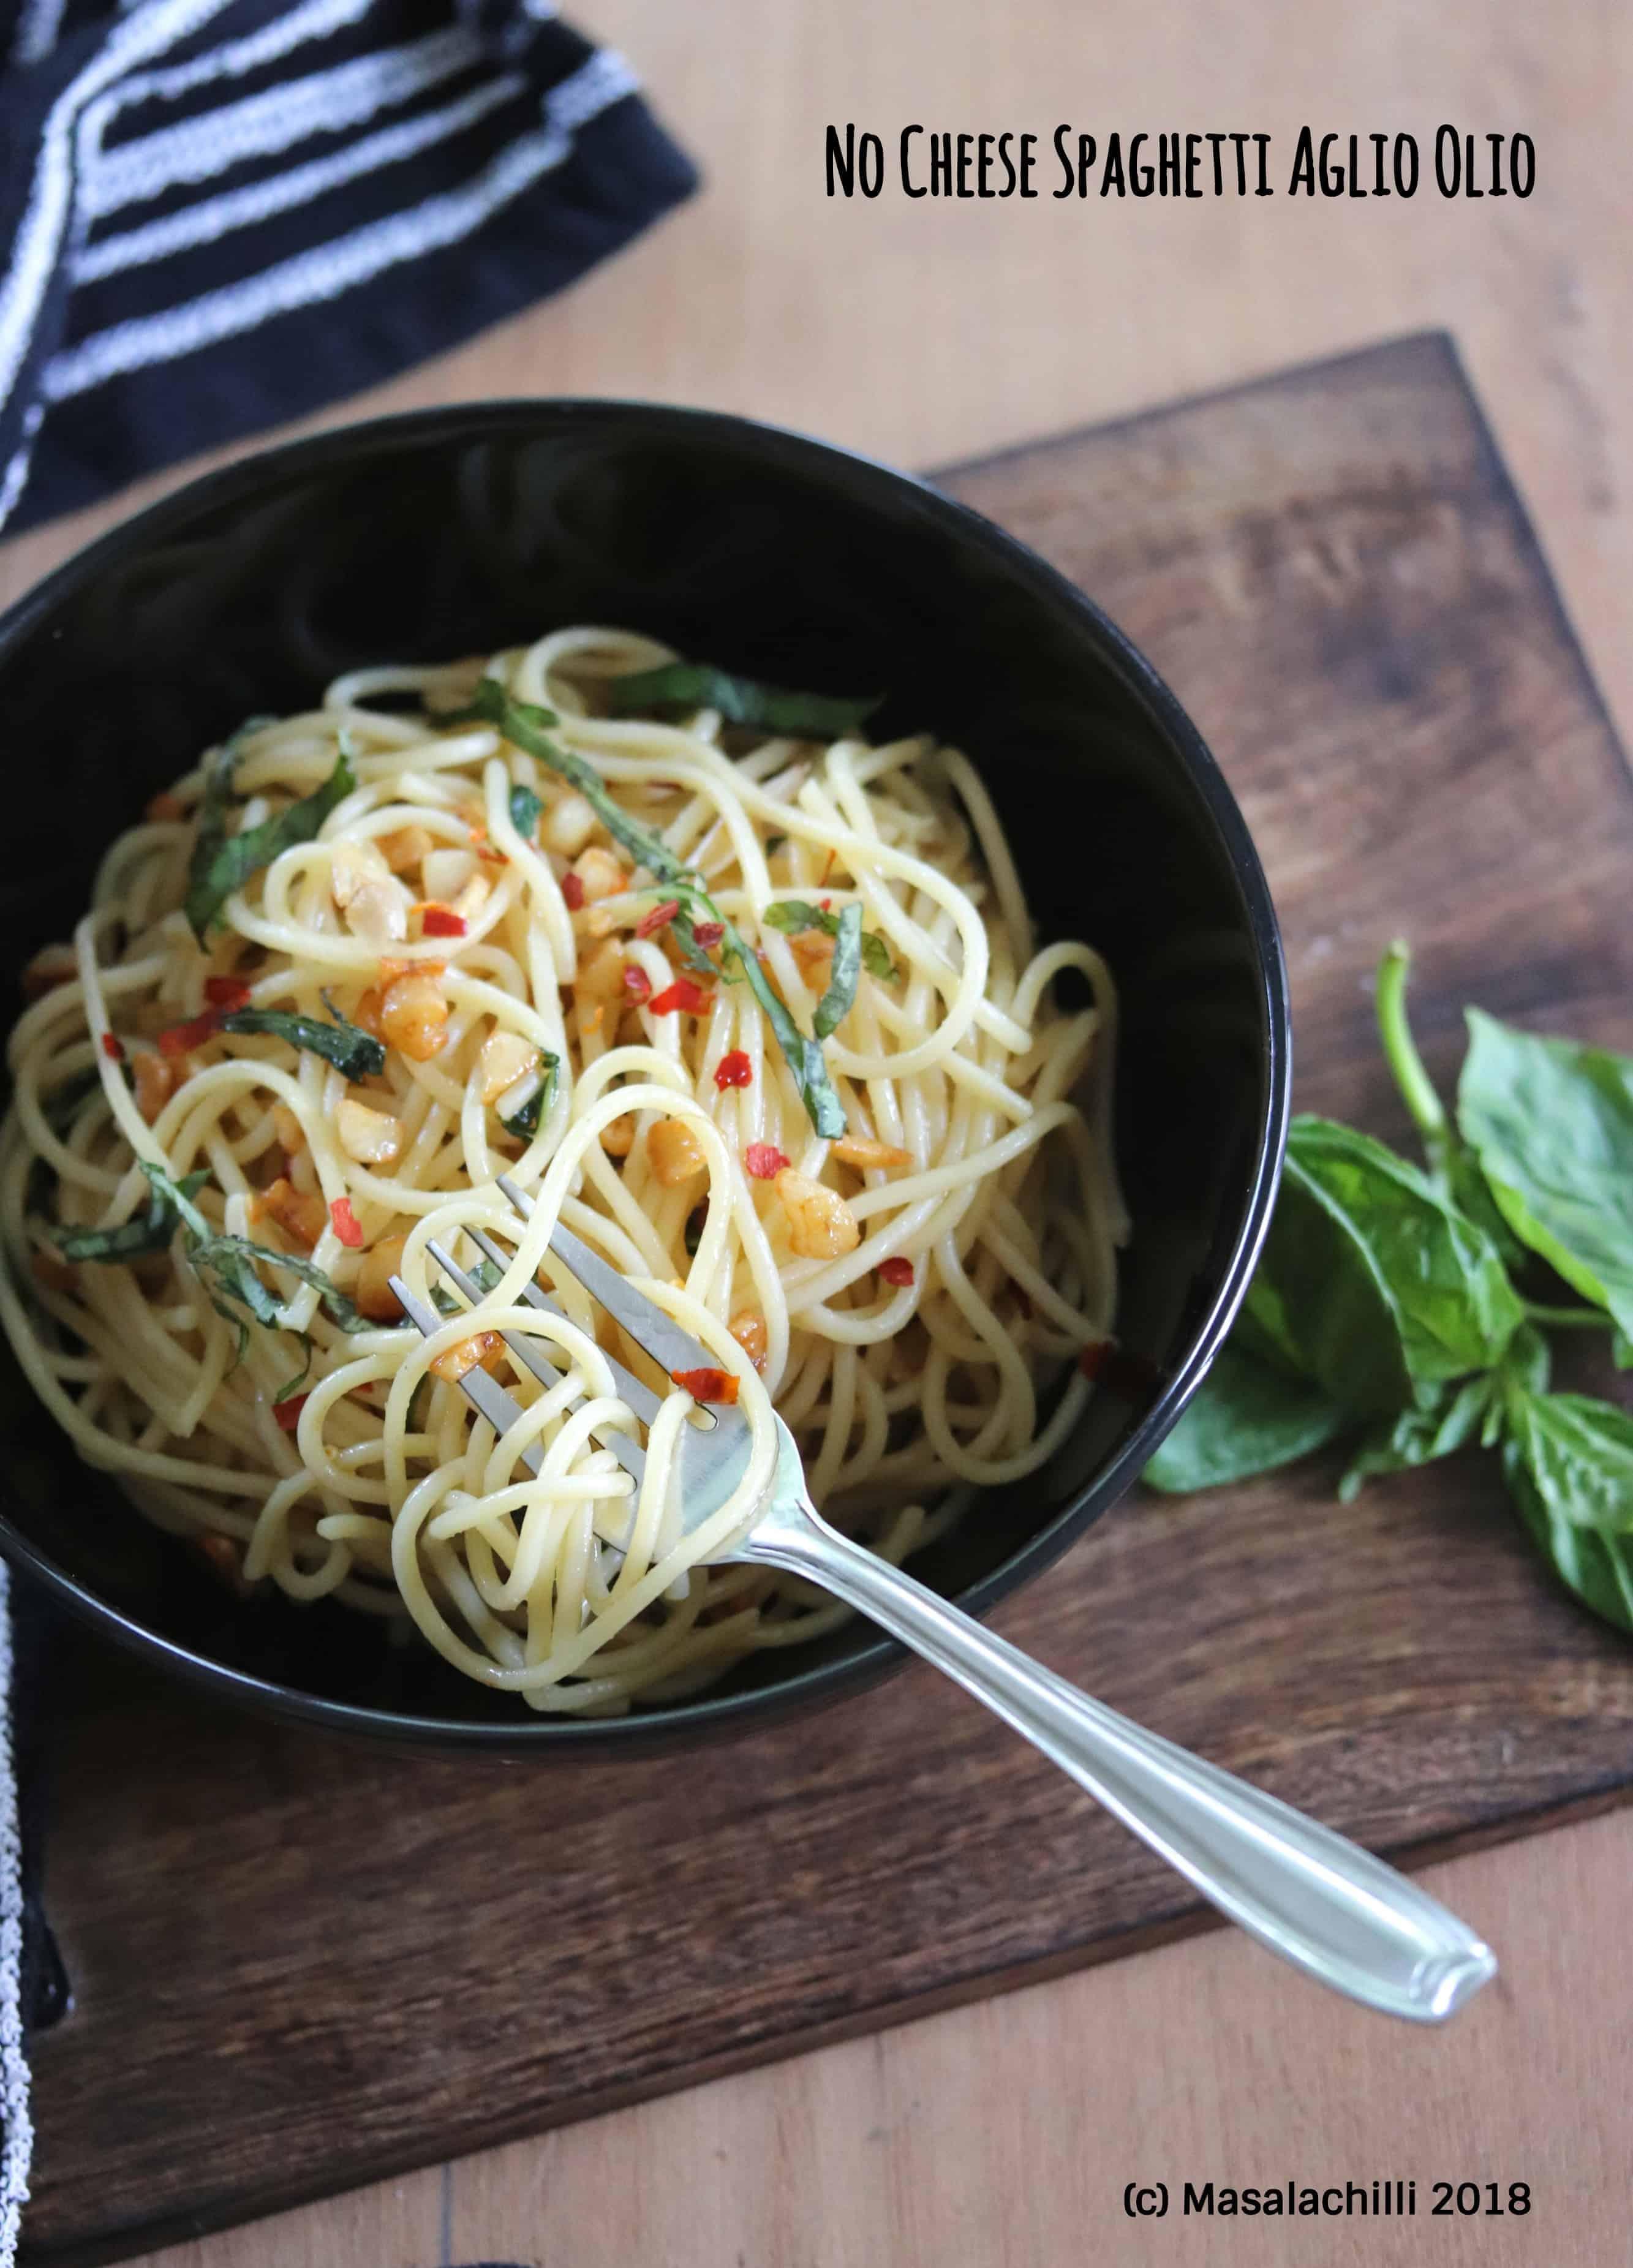 Spaghetti Aglio Olio (Vegan / No Cheese)